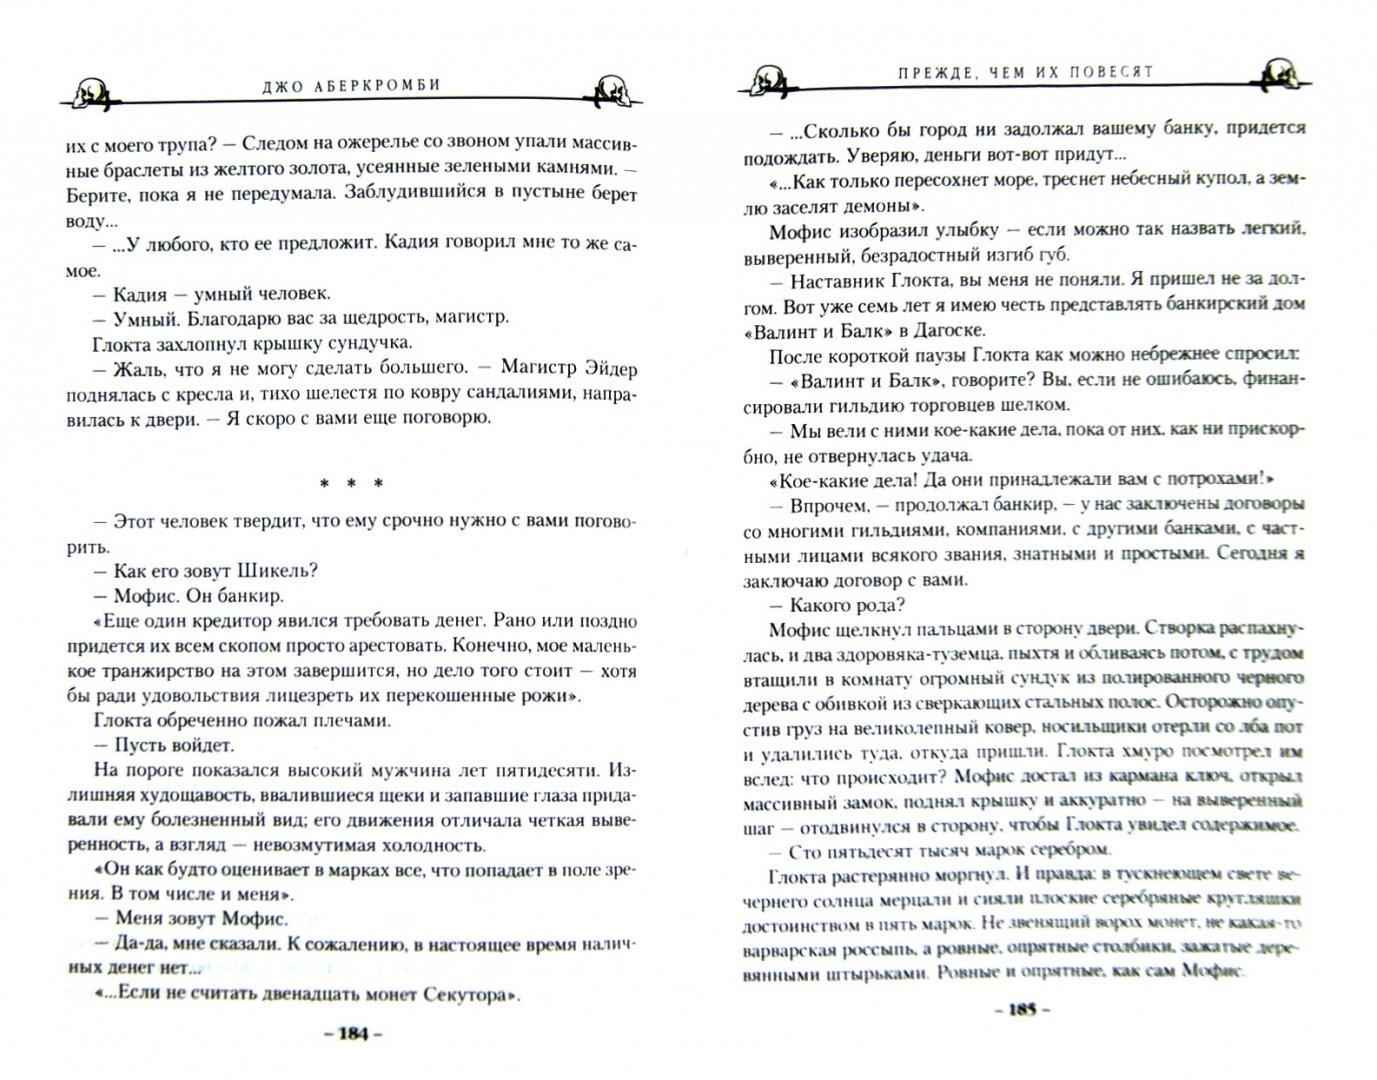 Иллюстрация 1 из 26 для Прежде, чем их повесят. Первый закон. Книга 2 - Джо Аберкромби | Лабиринт - книги. Источник: Лабиринт